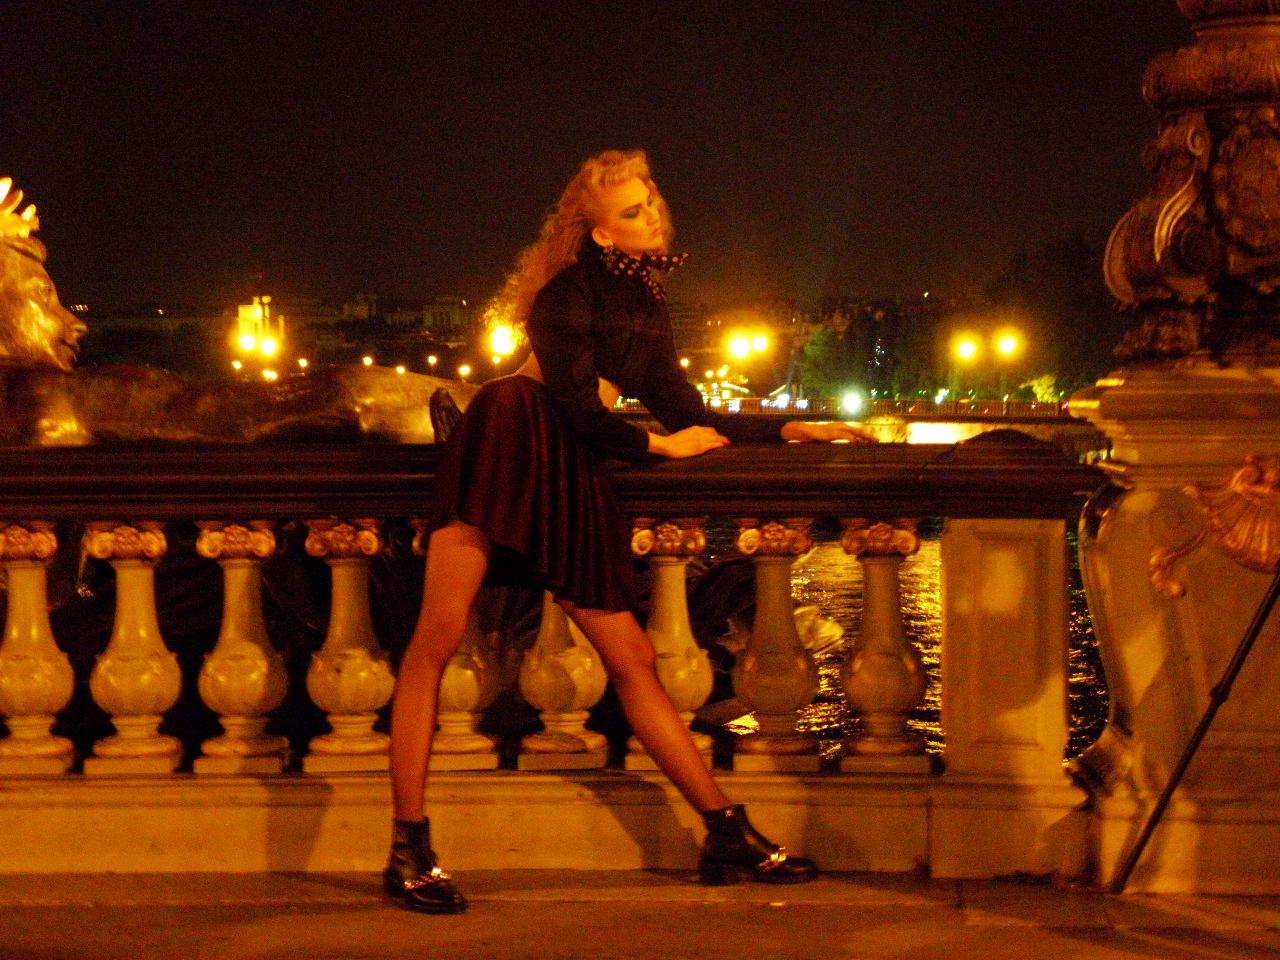 お散歩コースのアレキサンダー三世橋にて、モデルさんの撮影に遭遇!